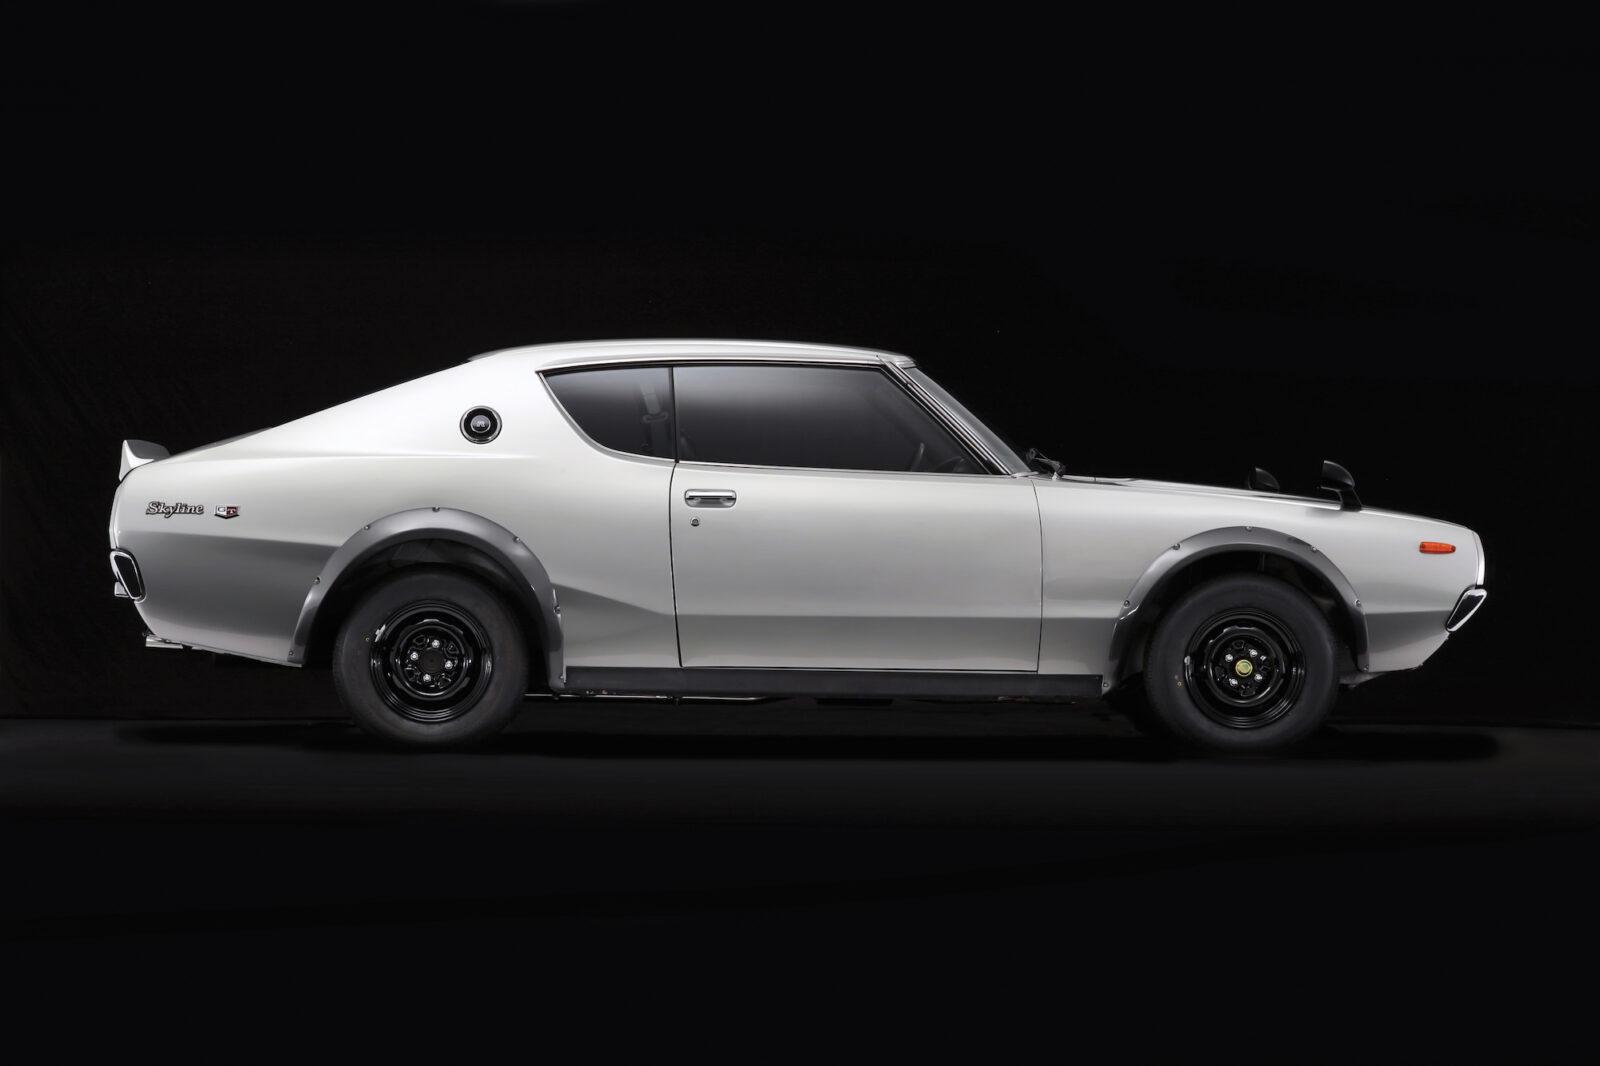 Nissan Skyline HT 2000GT R 4 1600x1066 - Nissan Skyline H/T 2000GT-R